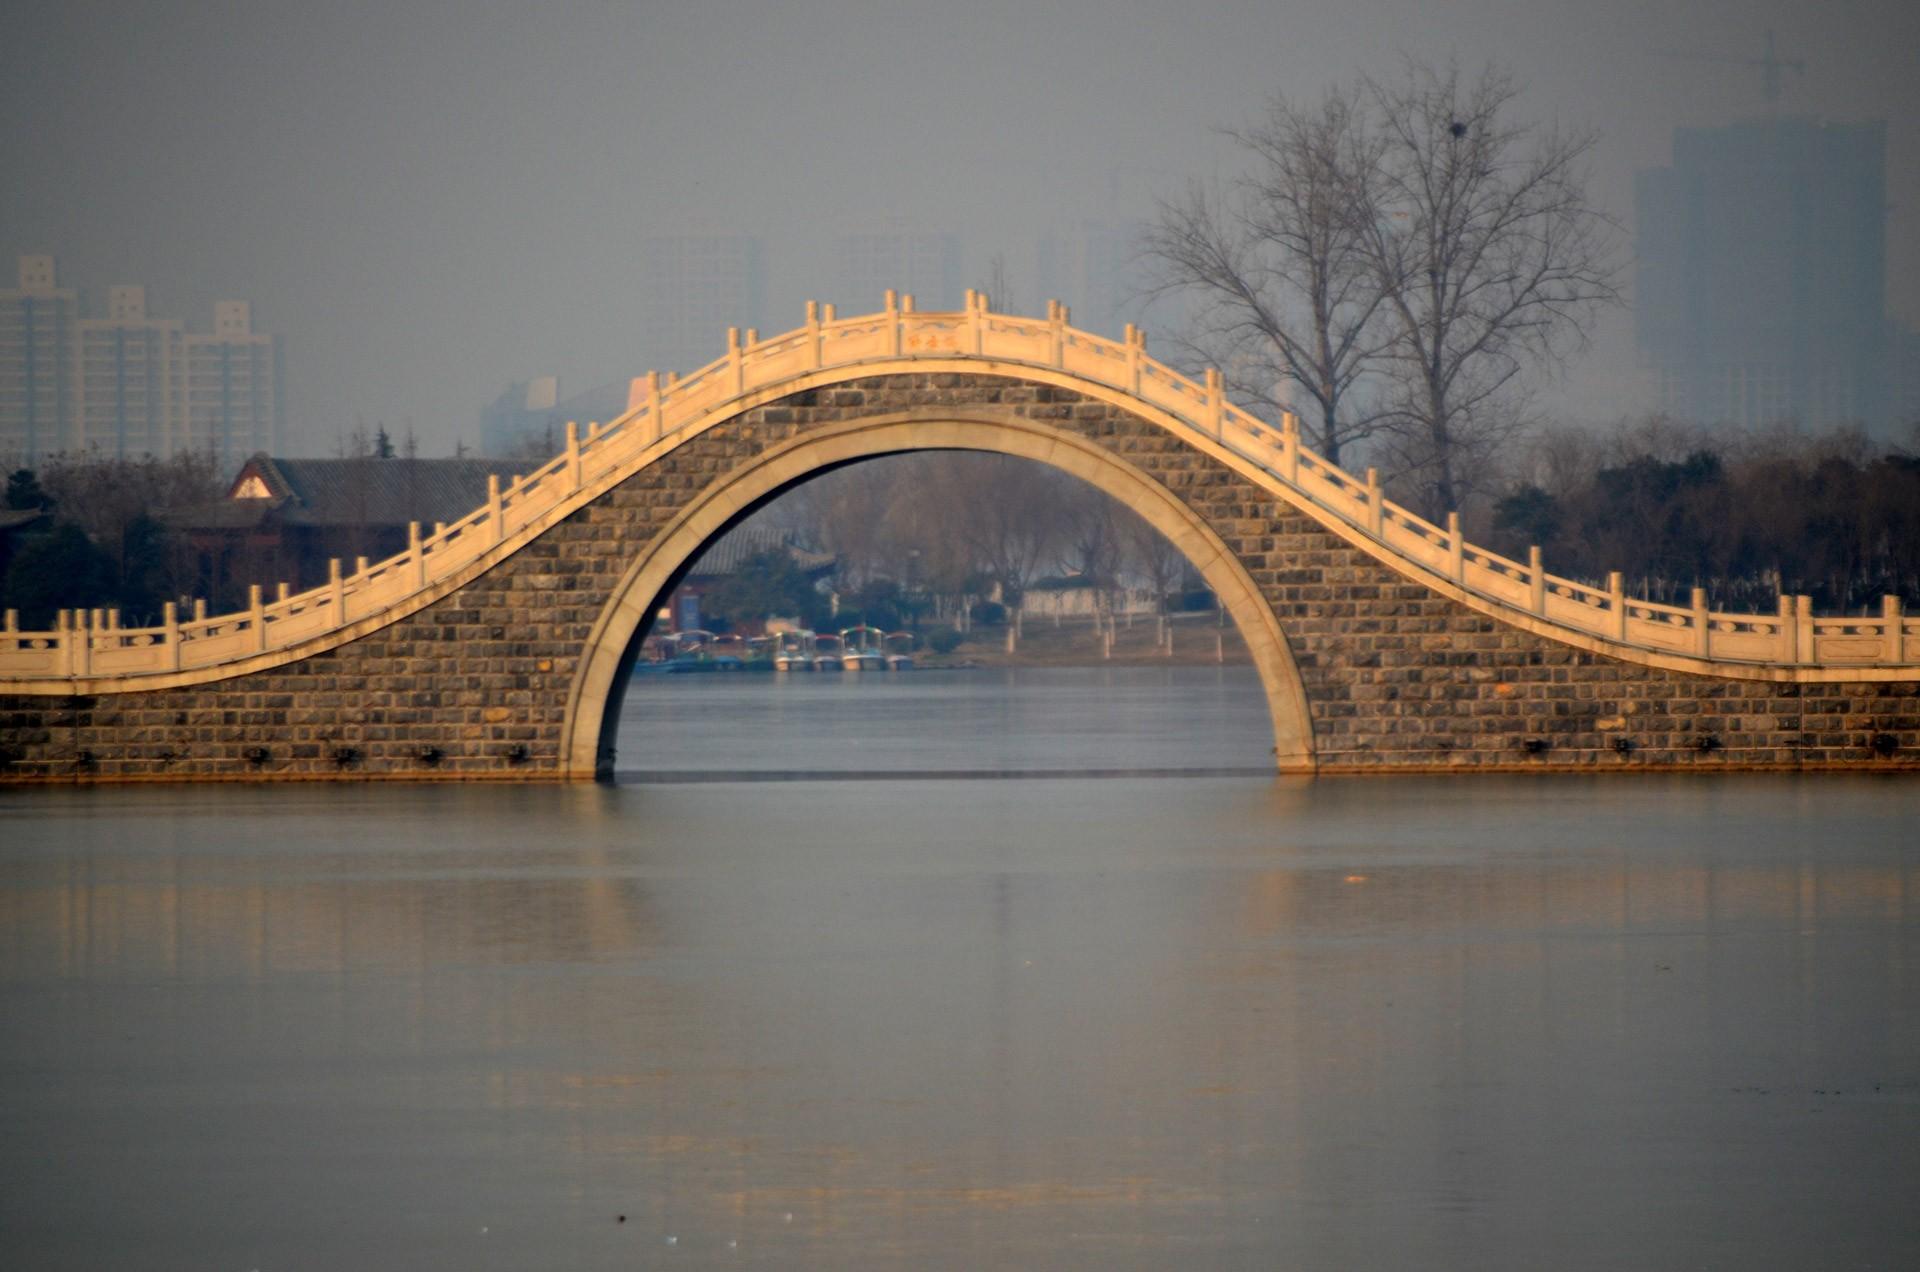 Calendário 2019 Excel Para Imprimir Recientes Fotos Bridge to Bridge 2013 Venlo Of Calendário 2019 Excel Para Imprimir Más Recientes E M1 Mark Ii Digital Camera